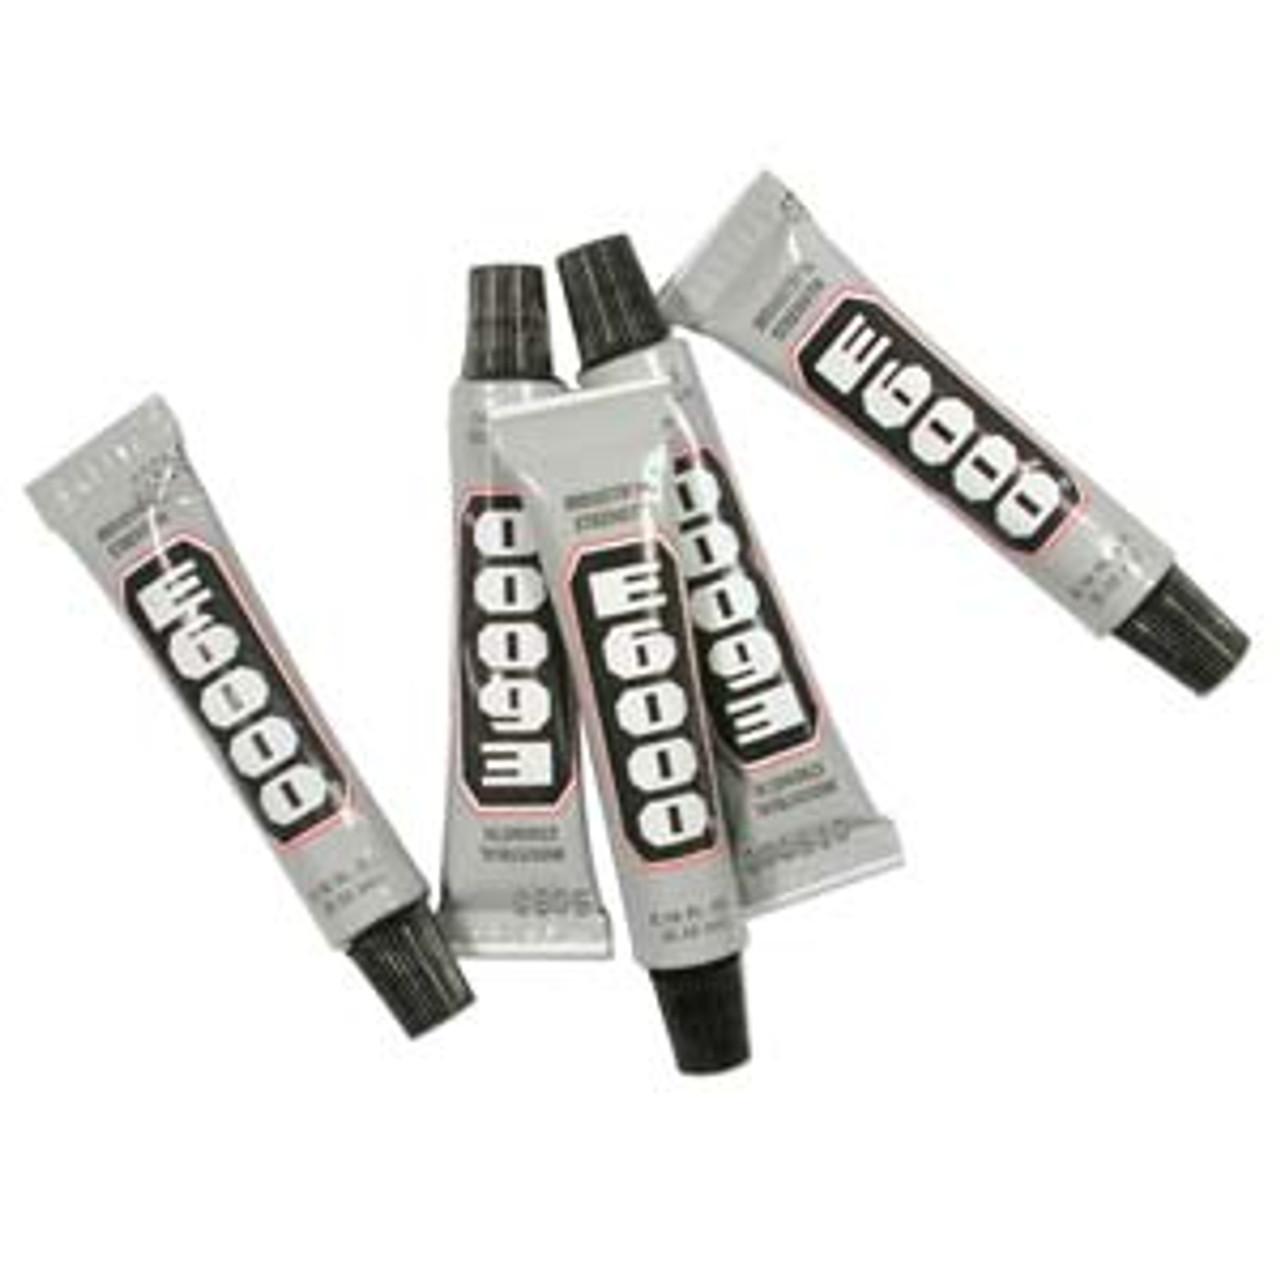 .18oz E6000 glue